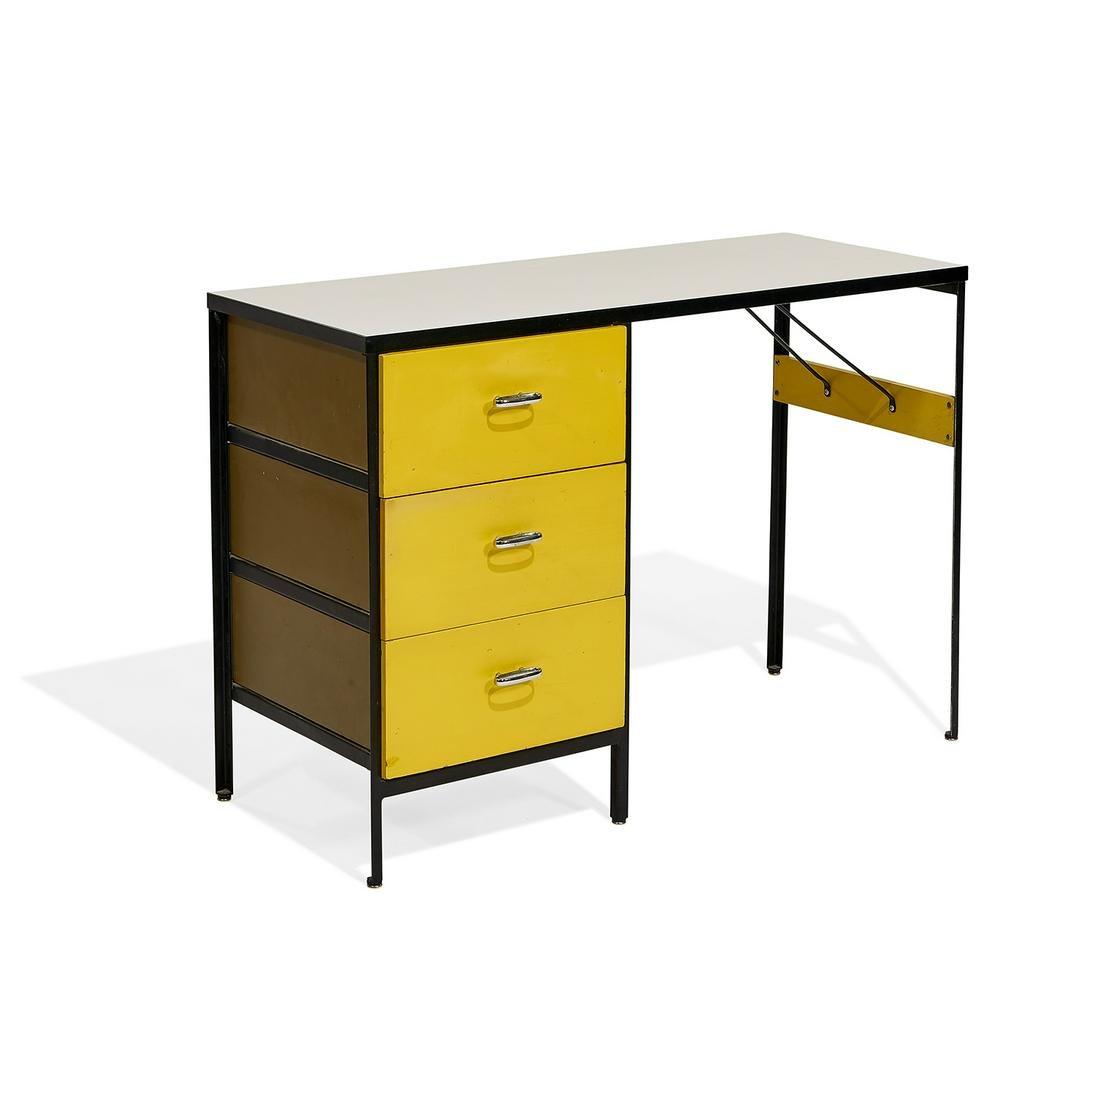 George Nelson for Herman Miller Steel Frame desk